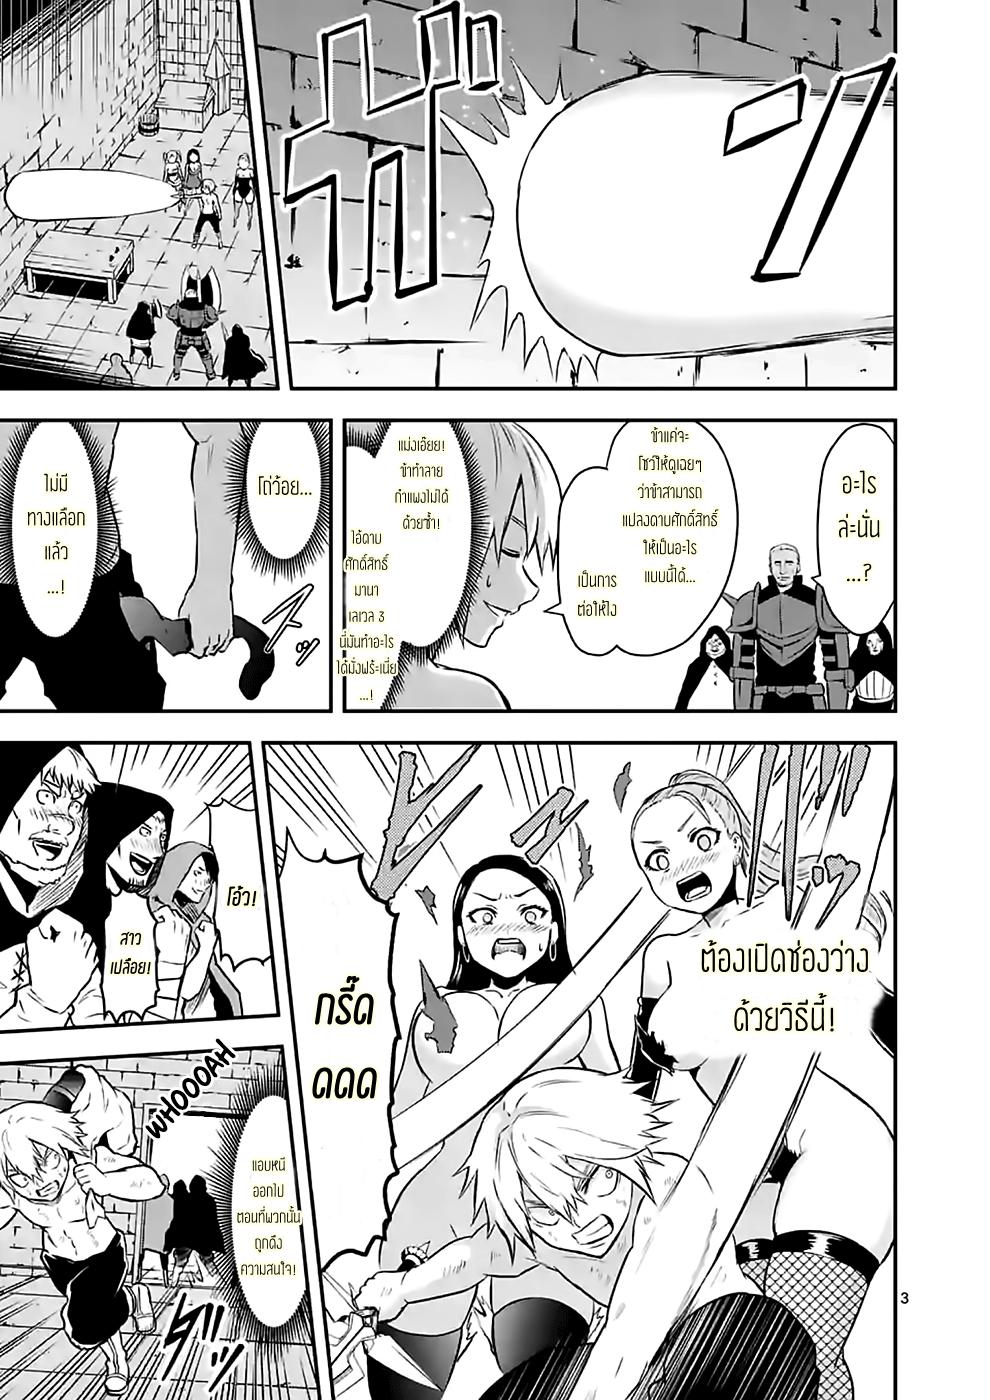 อ่านการ์ตูน Yuusha ga Shinda! ตอนที่ 90 หน้าที่ 3